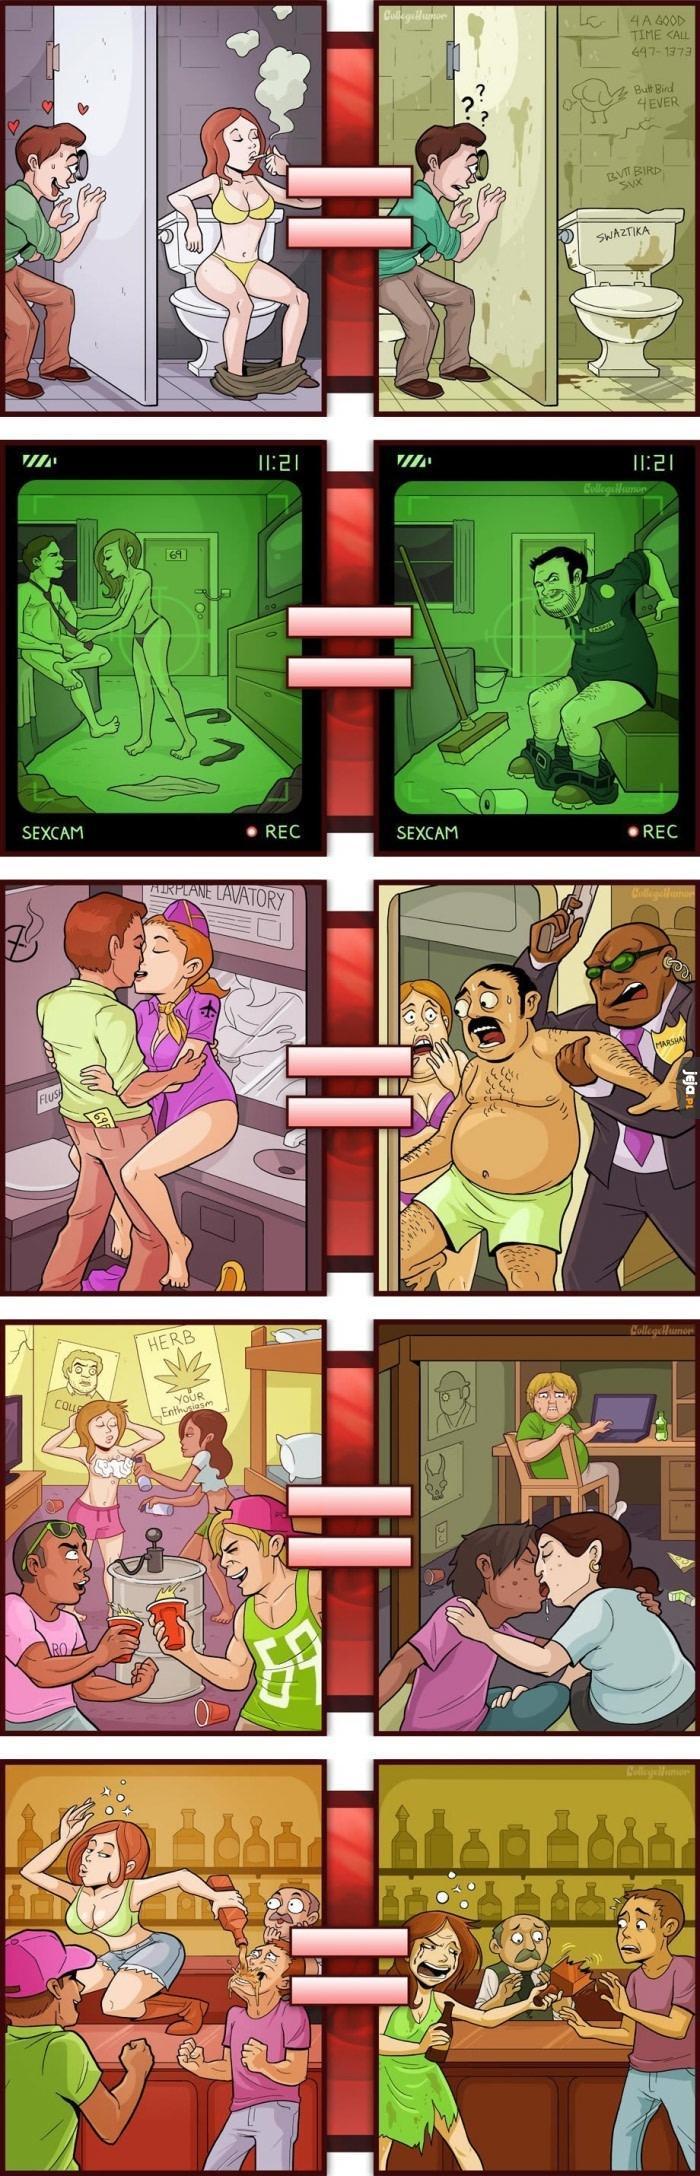 Filmy dla dorosłych vs Prawdziwe życie